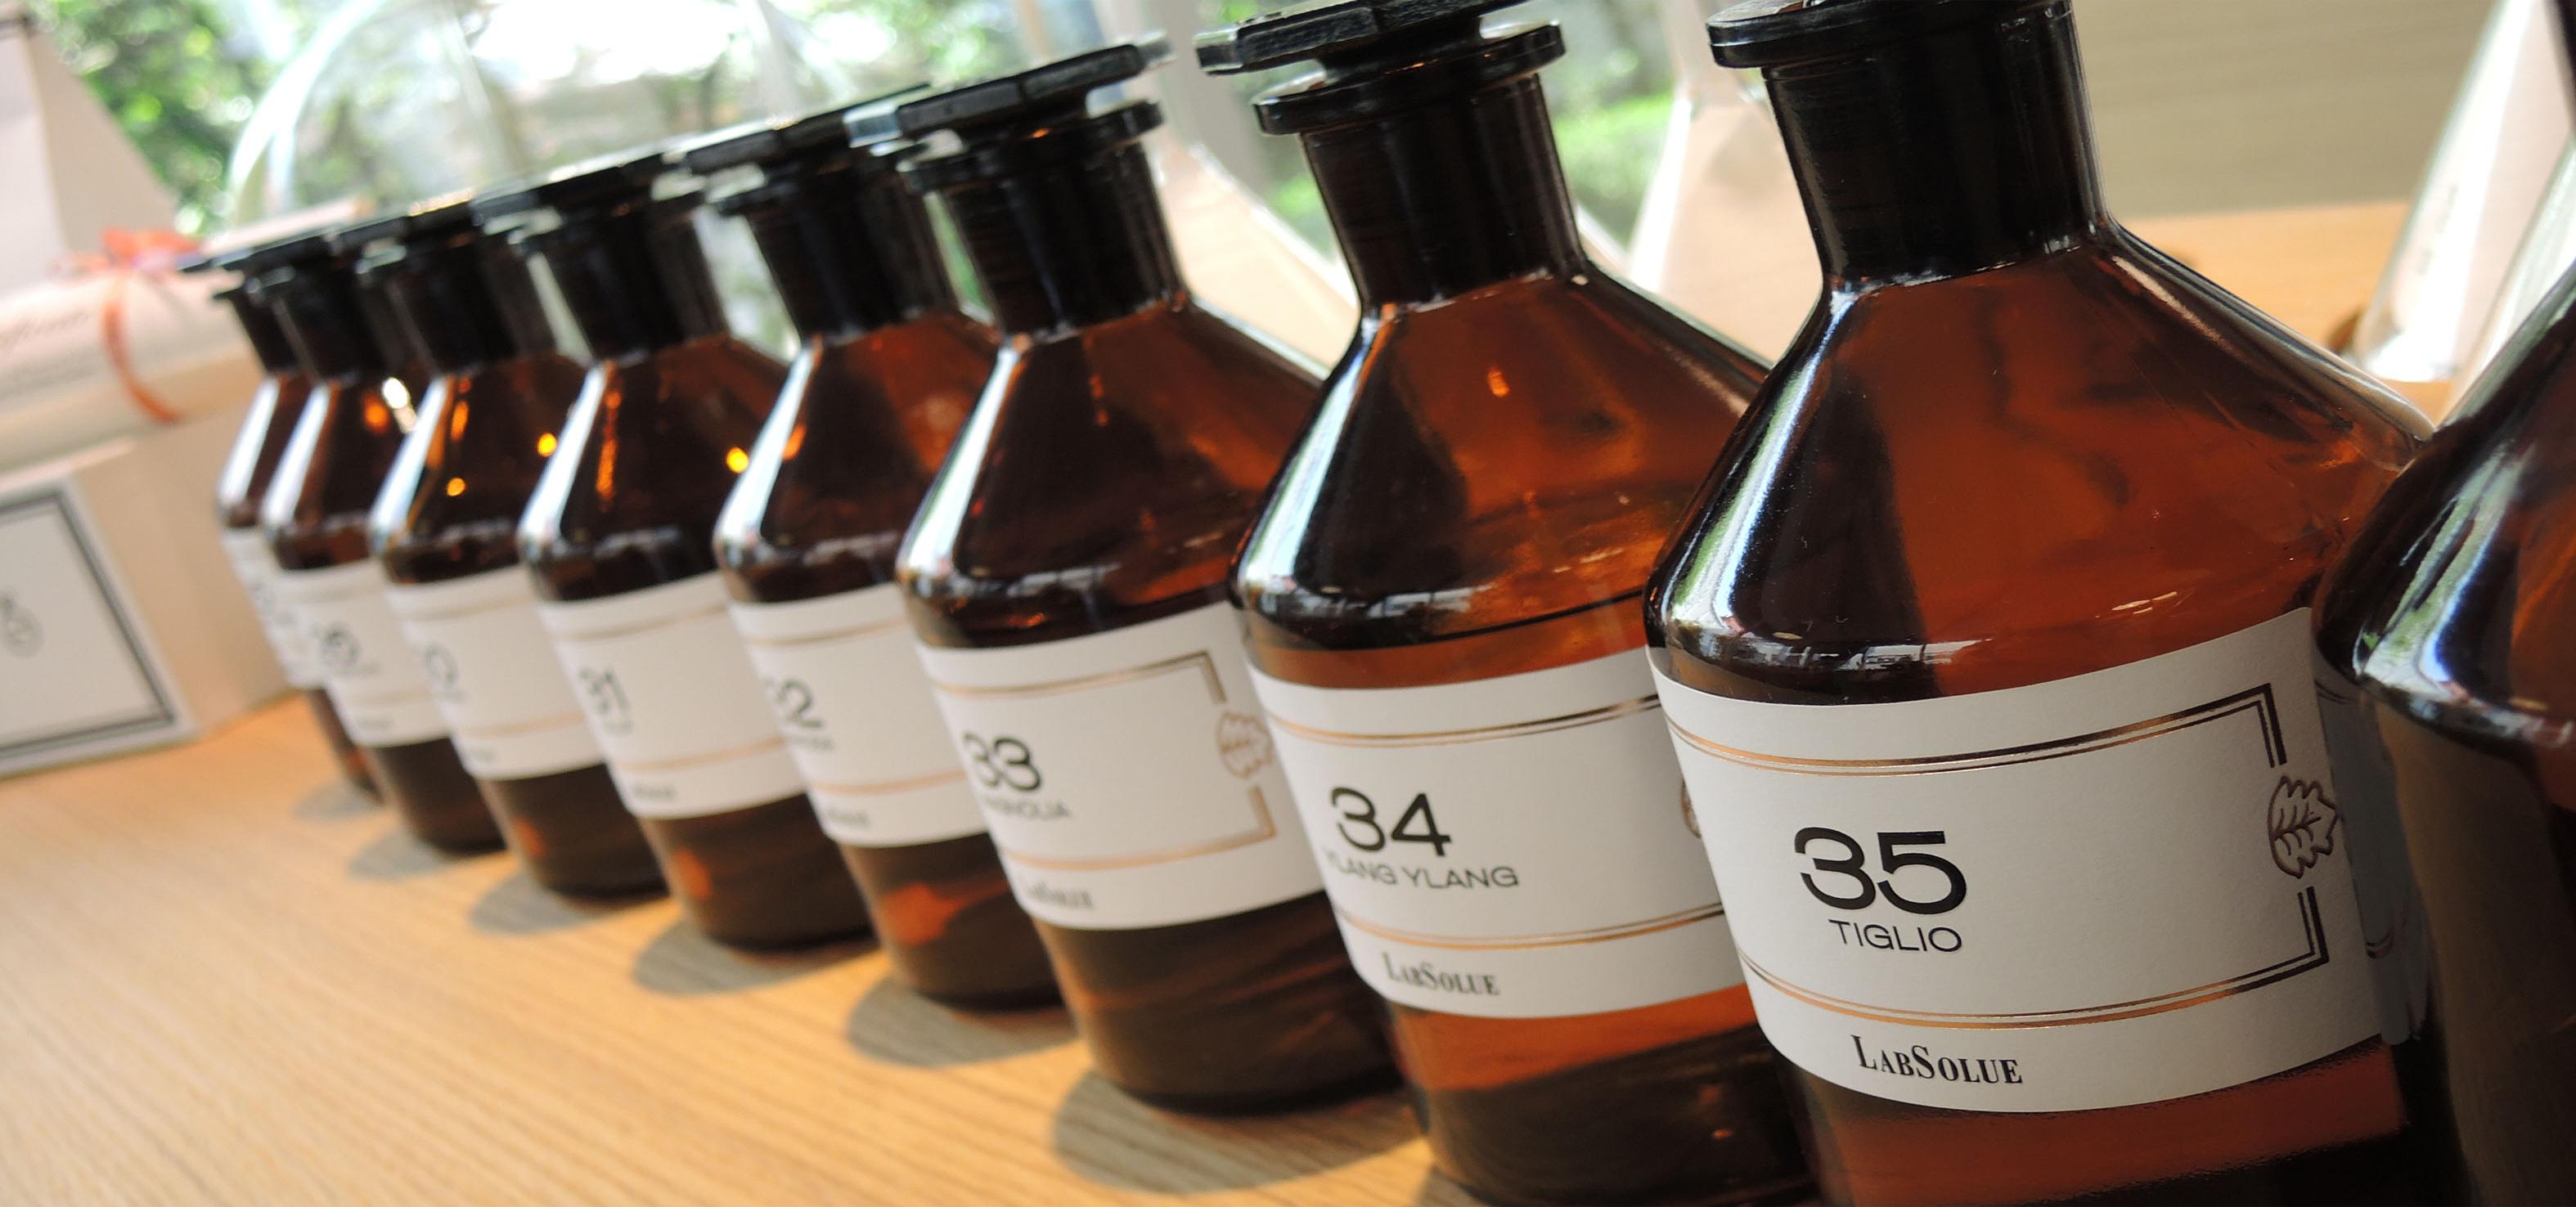 LabSolue amber gekleurde flesjes